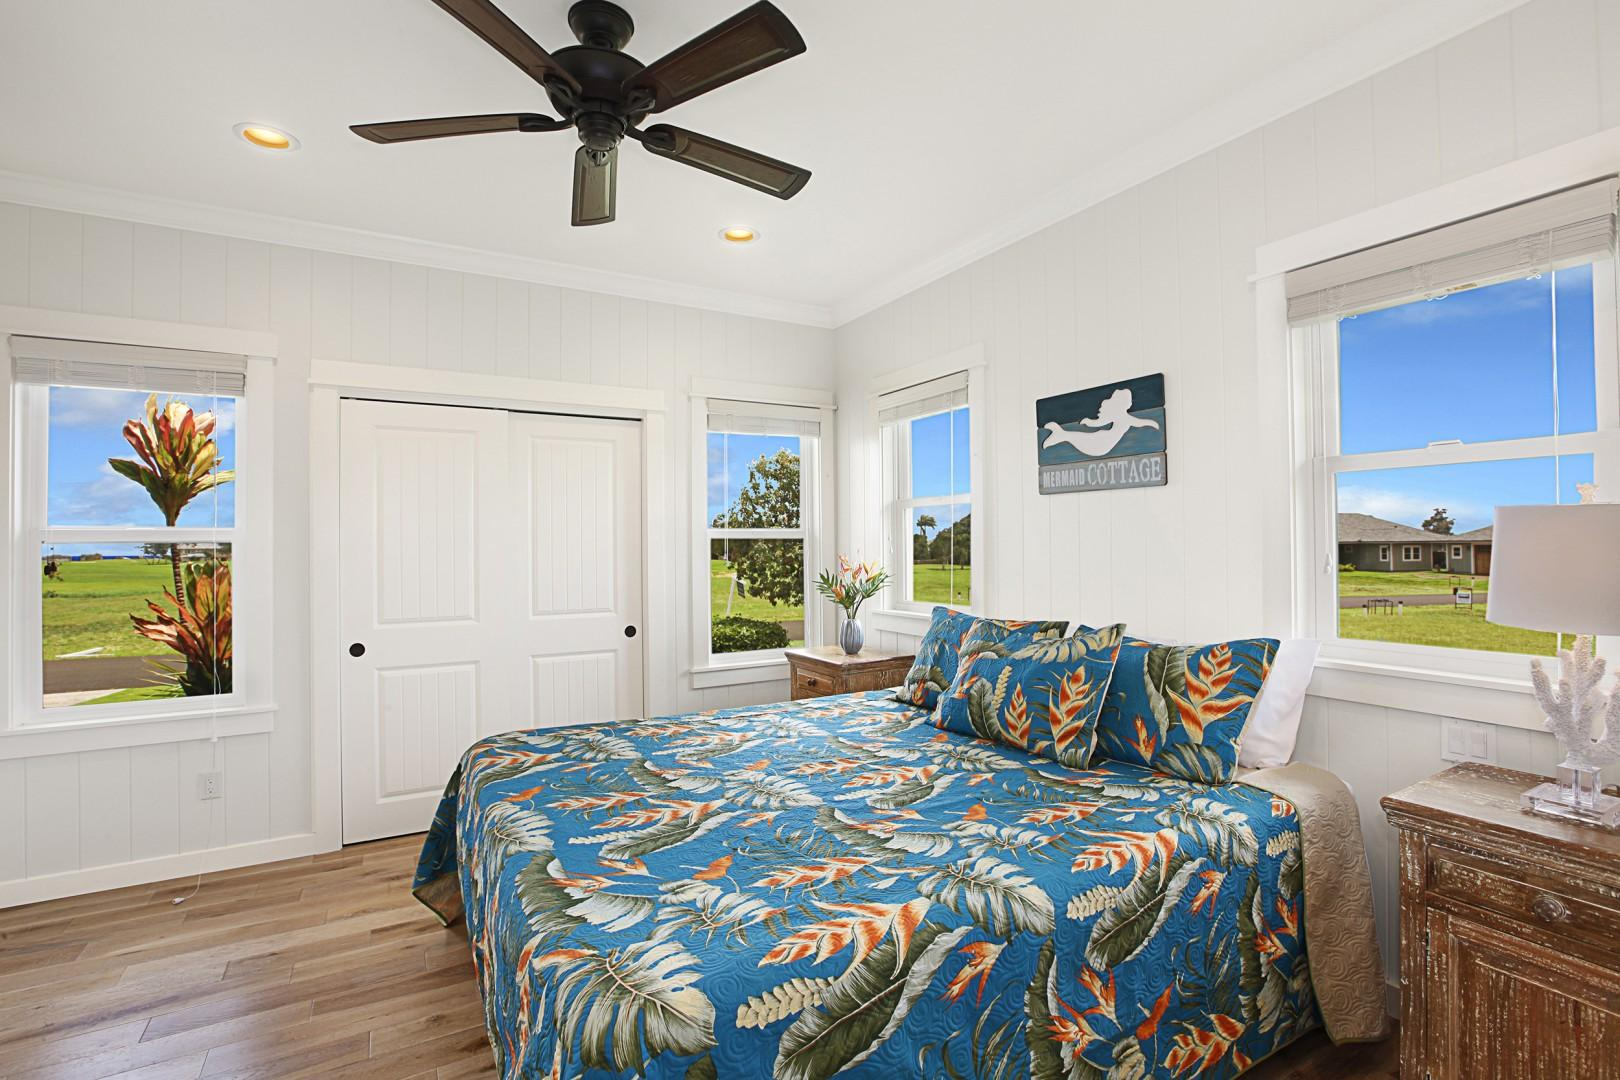 Guest bedroom 2 with en-suite bathroom